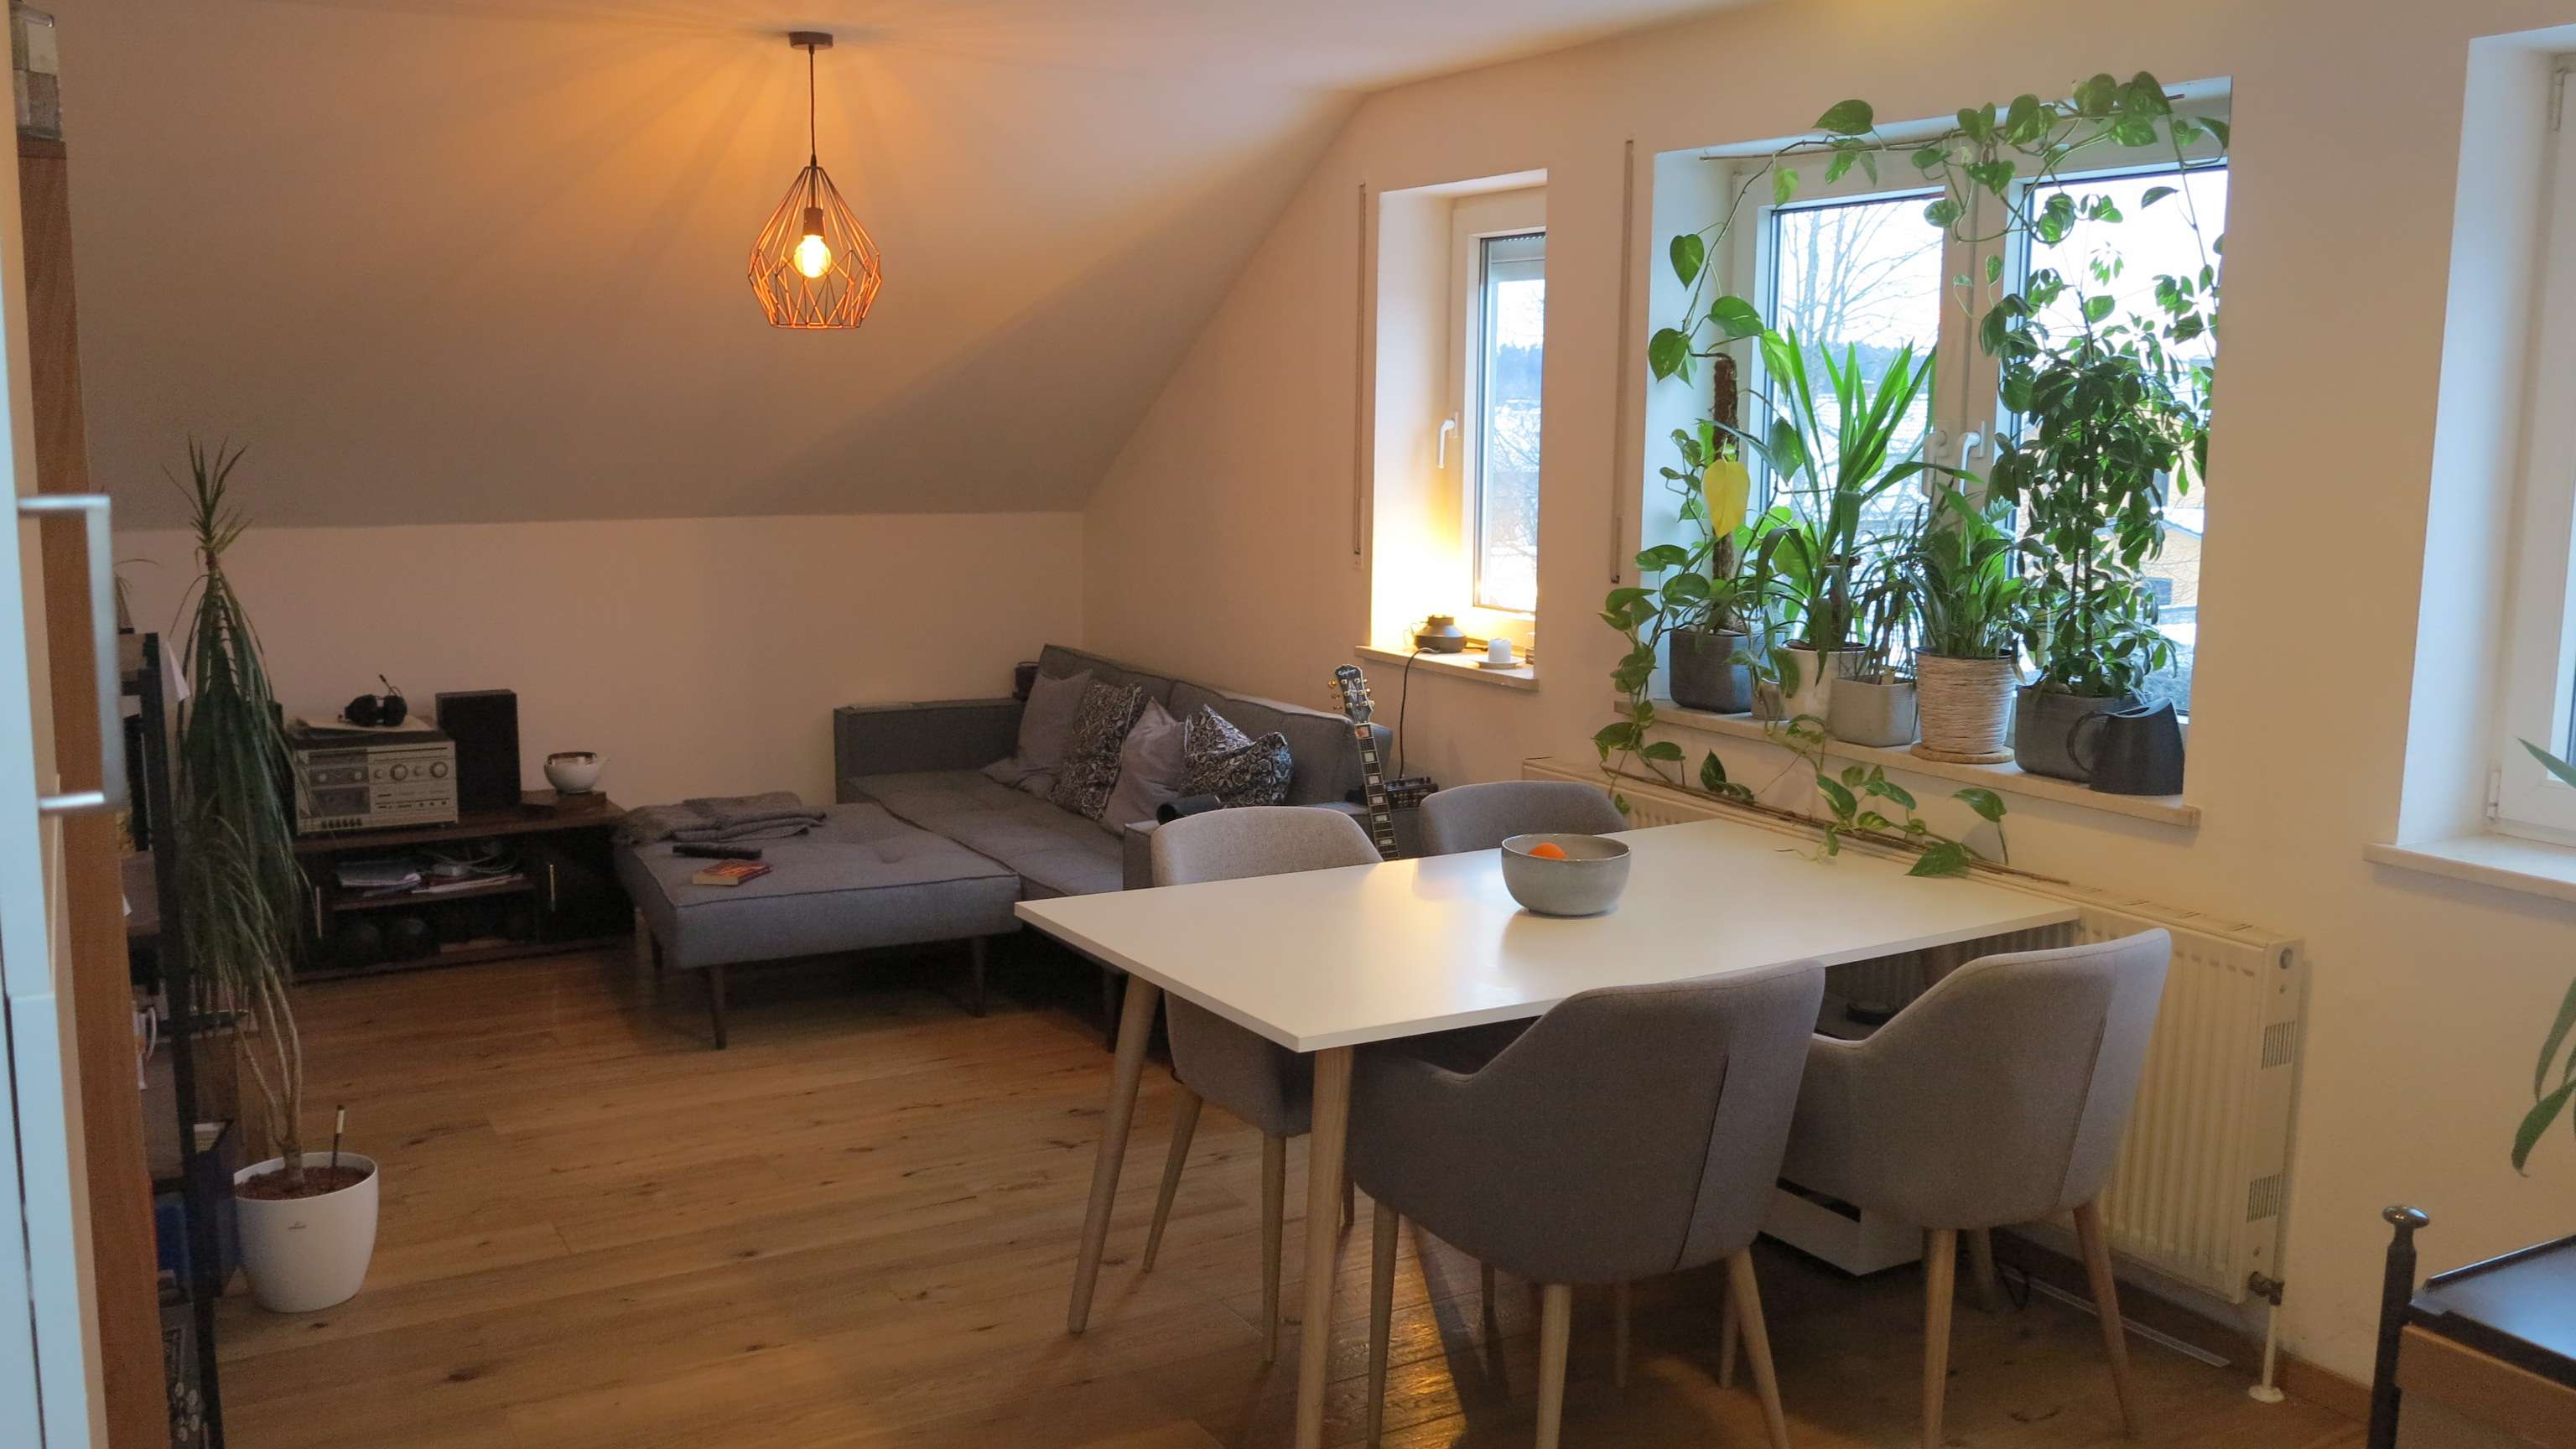 Schöne DG-Wohnung mit zwei Räumen und EBK in Grafing in